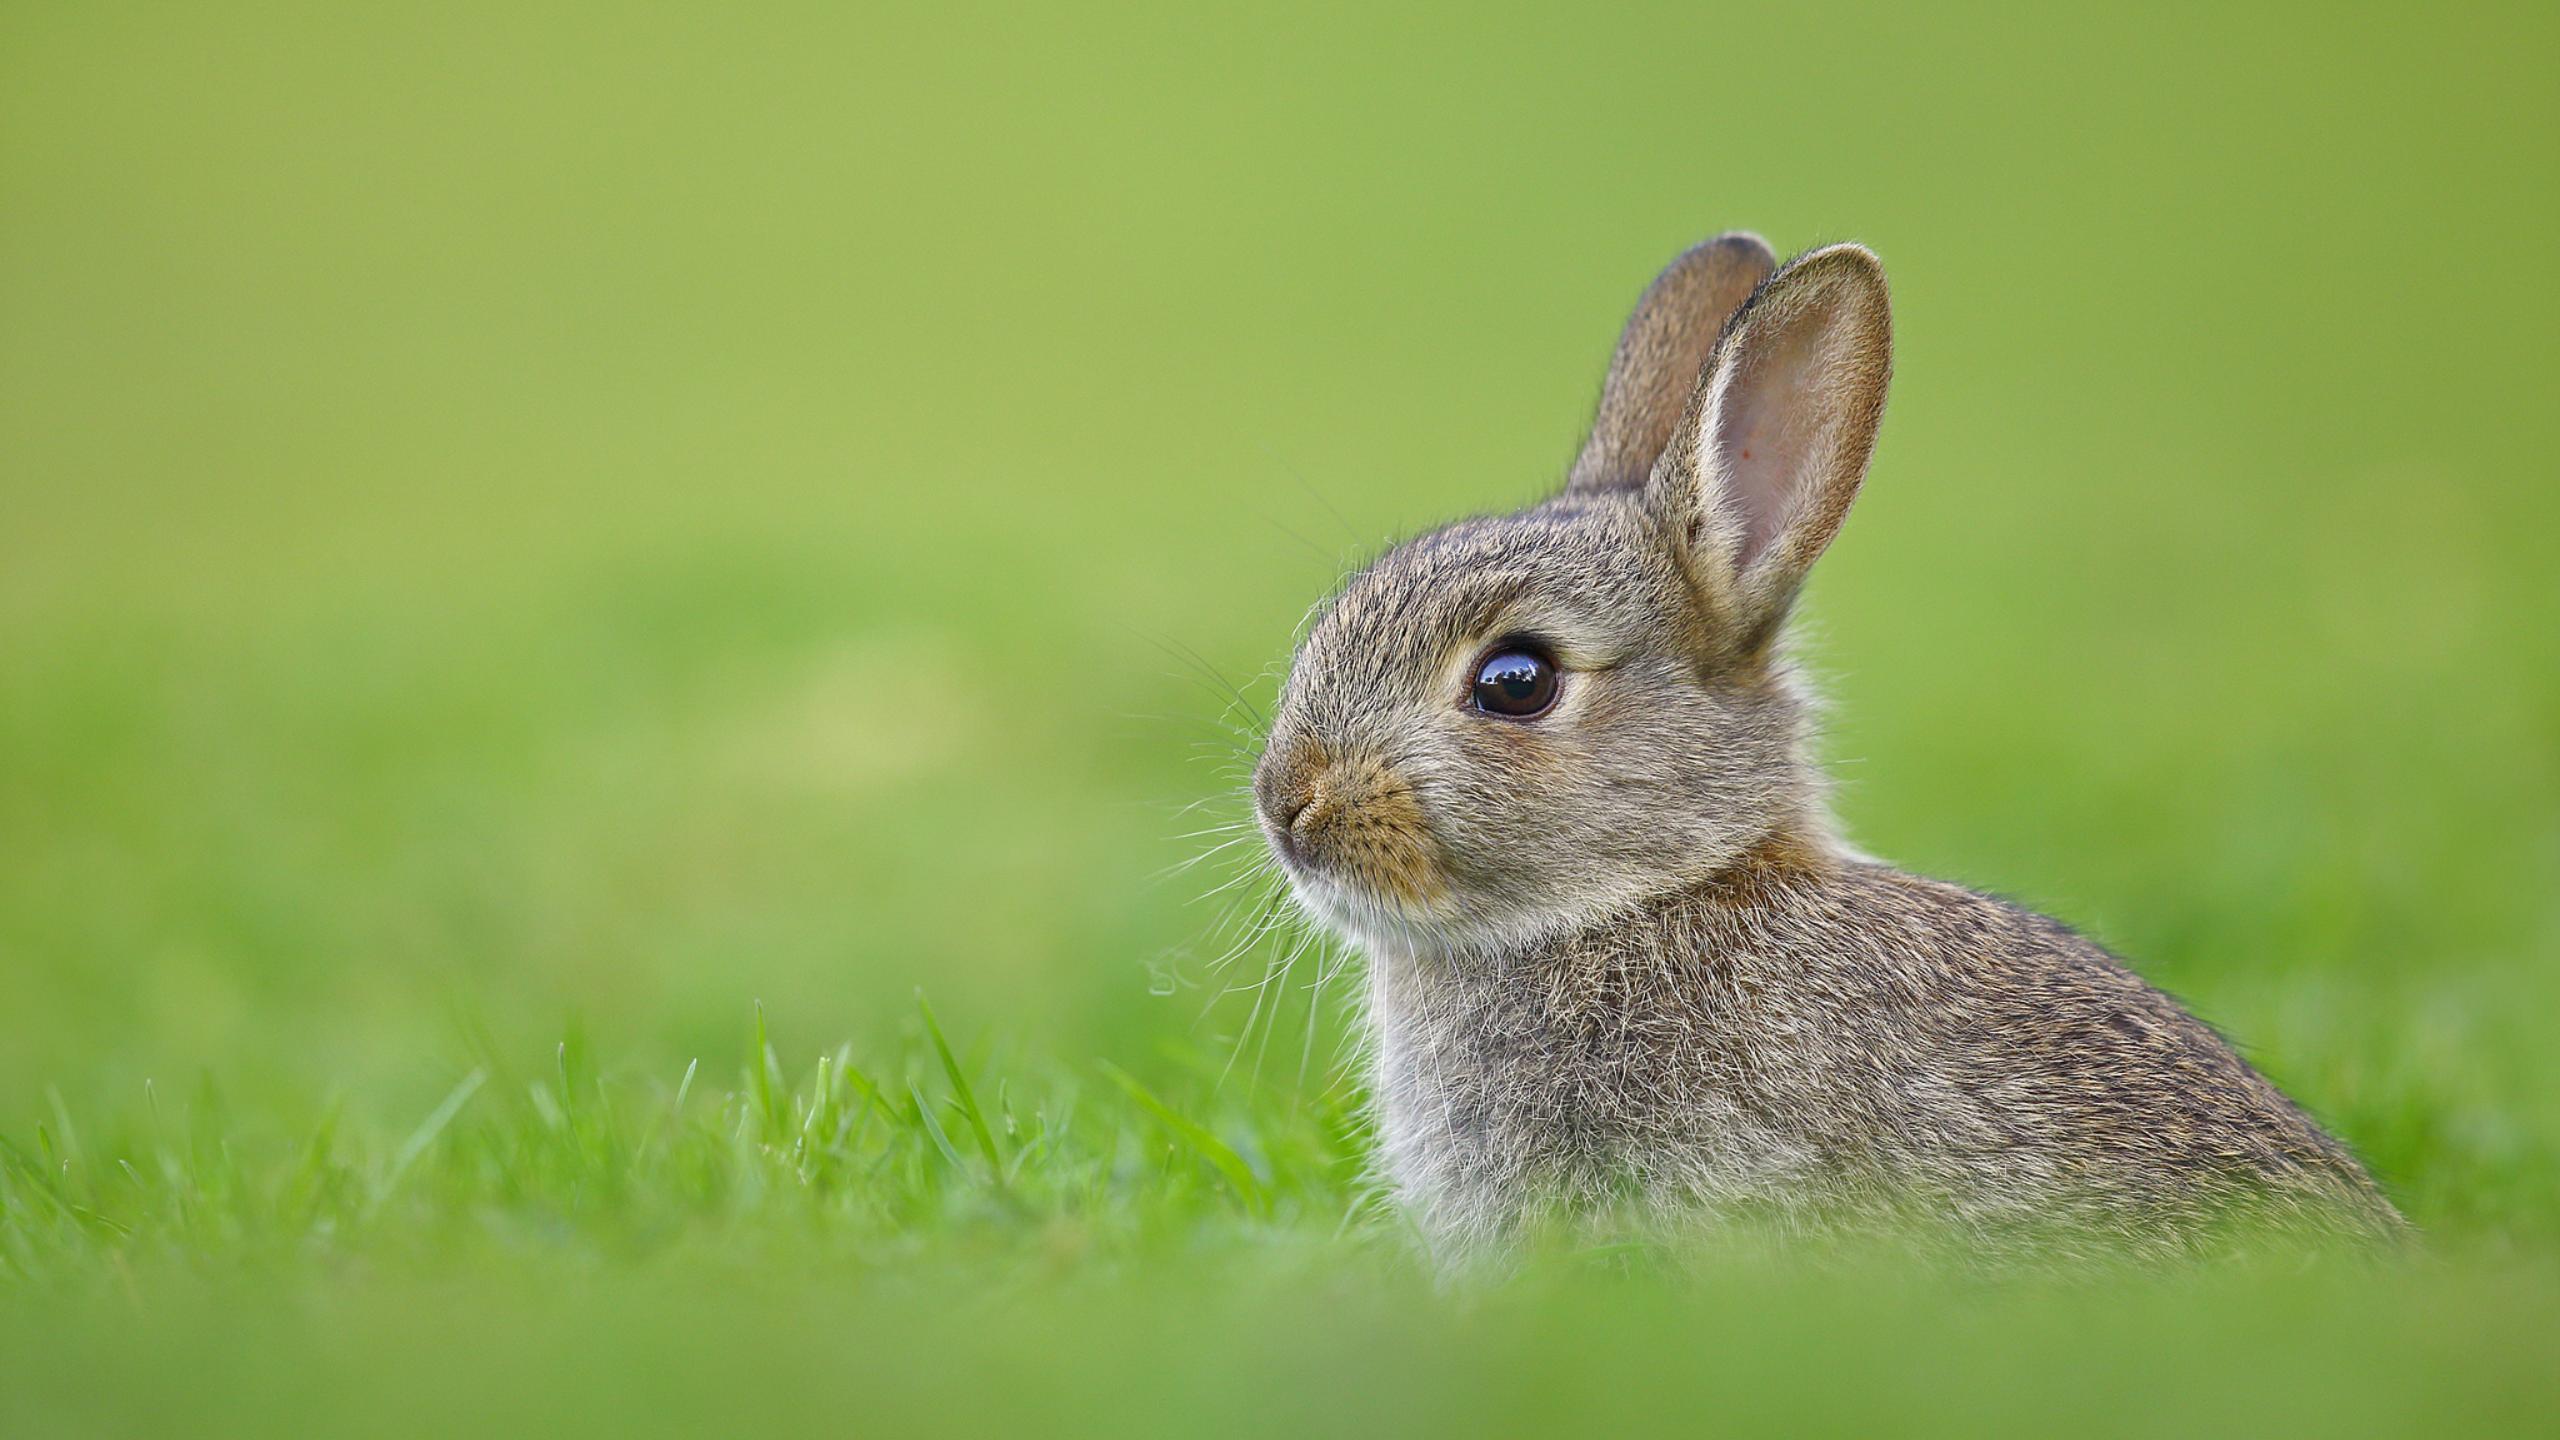 デスクトップ壁紙 自然 緑 野生動物 ウィスカー 野ウサギ 動物